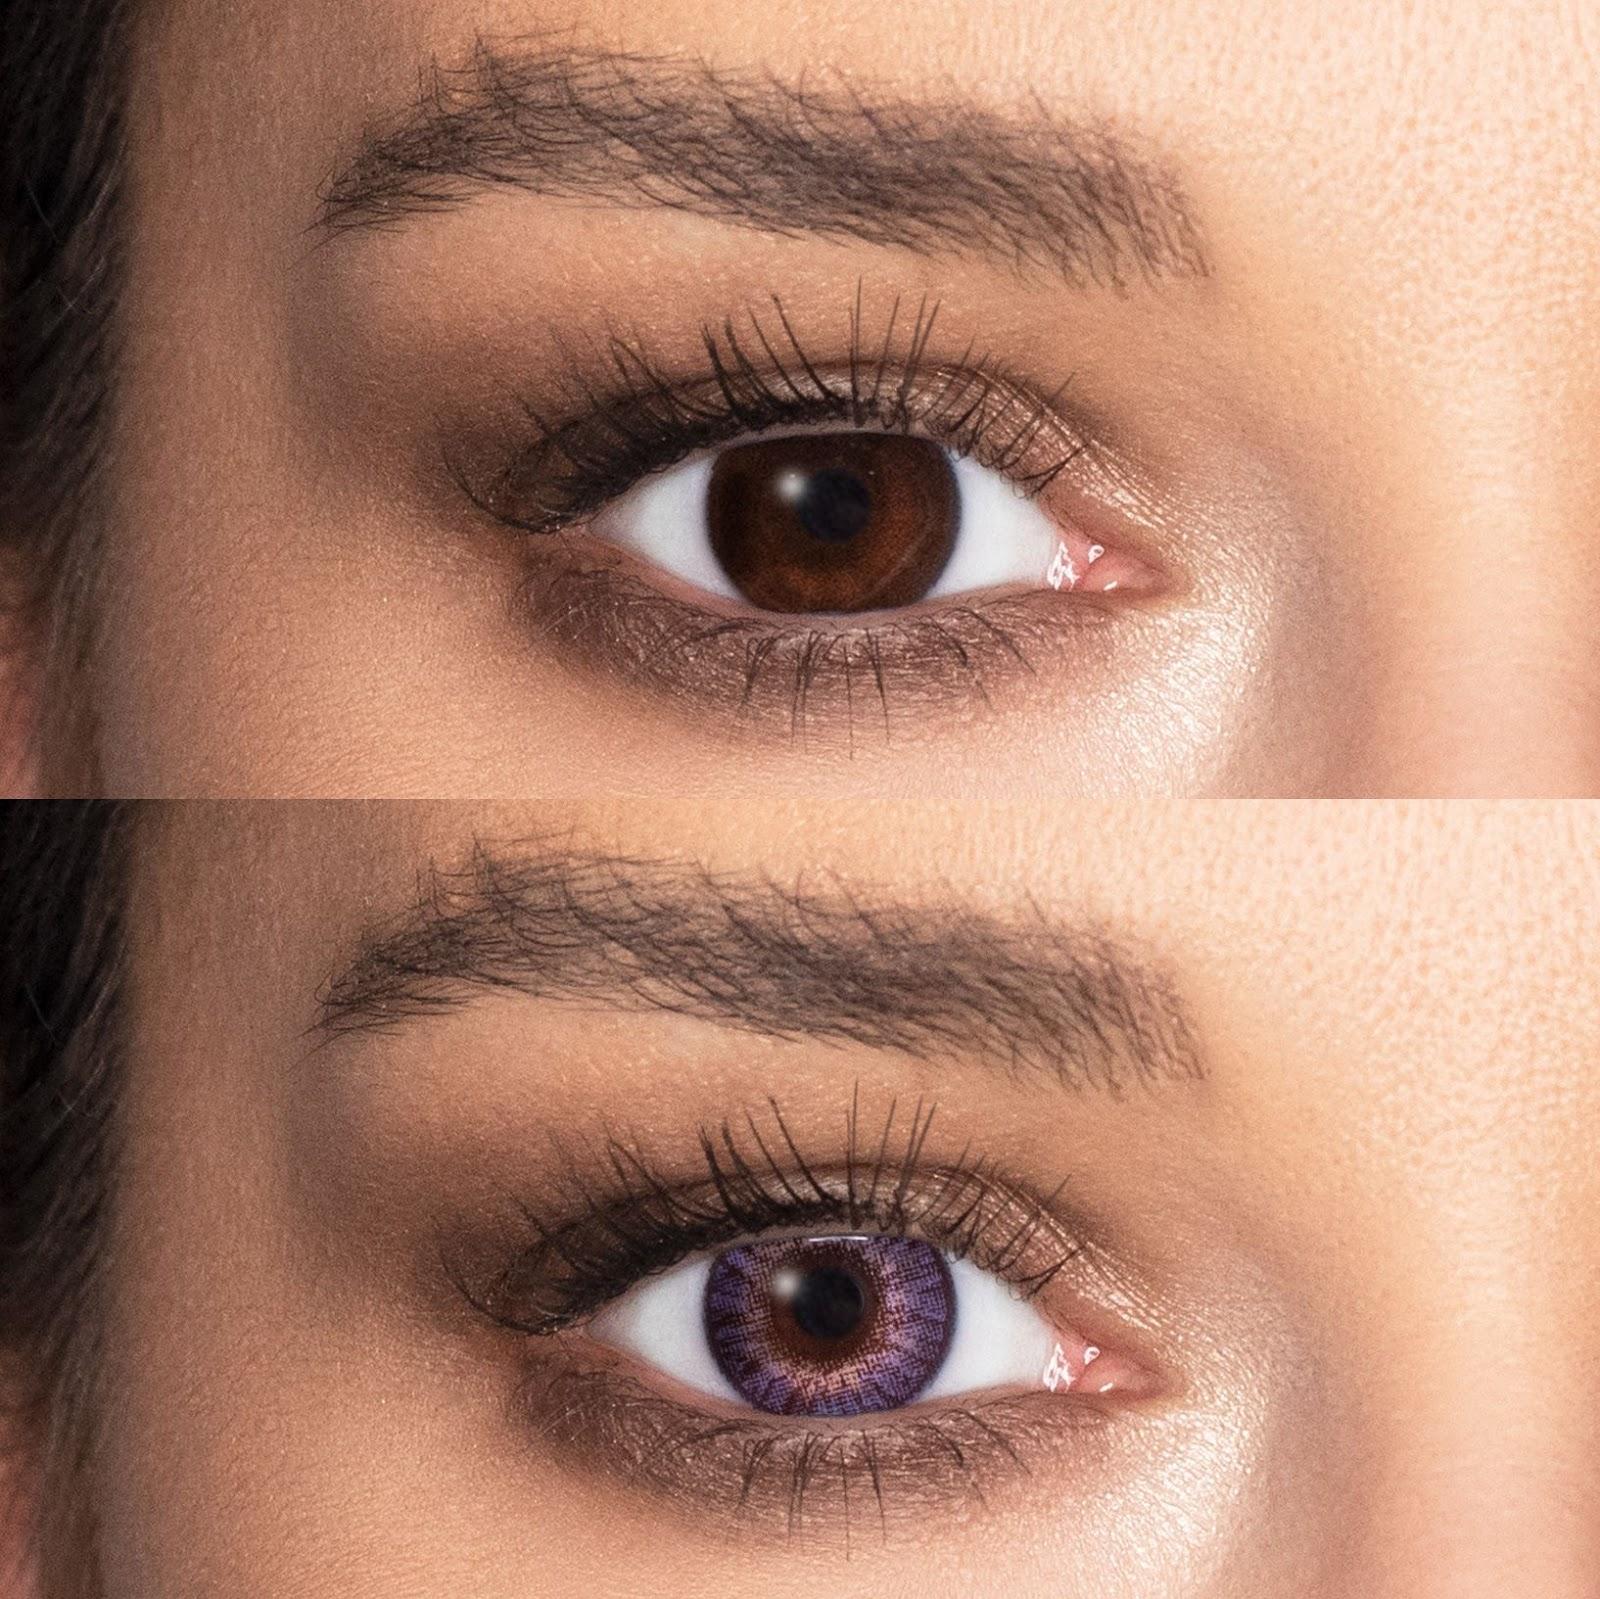 Dacă ai ochii închiși la culoare, poți alege lentile de contact FreshLook ColorBlends